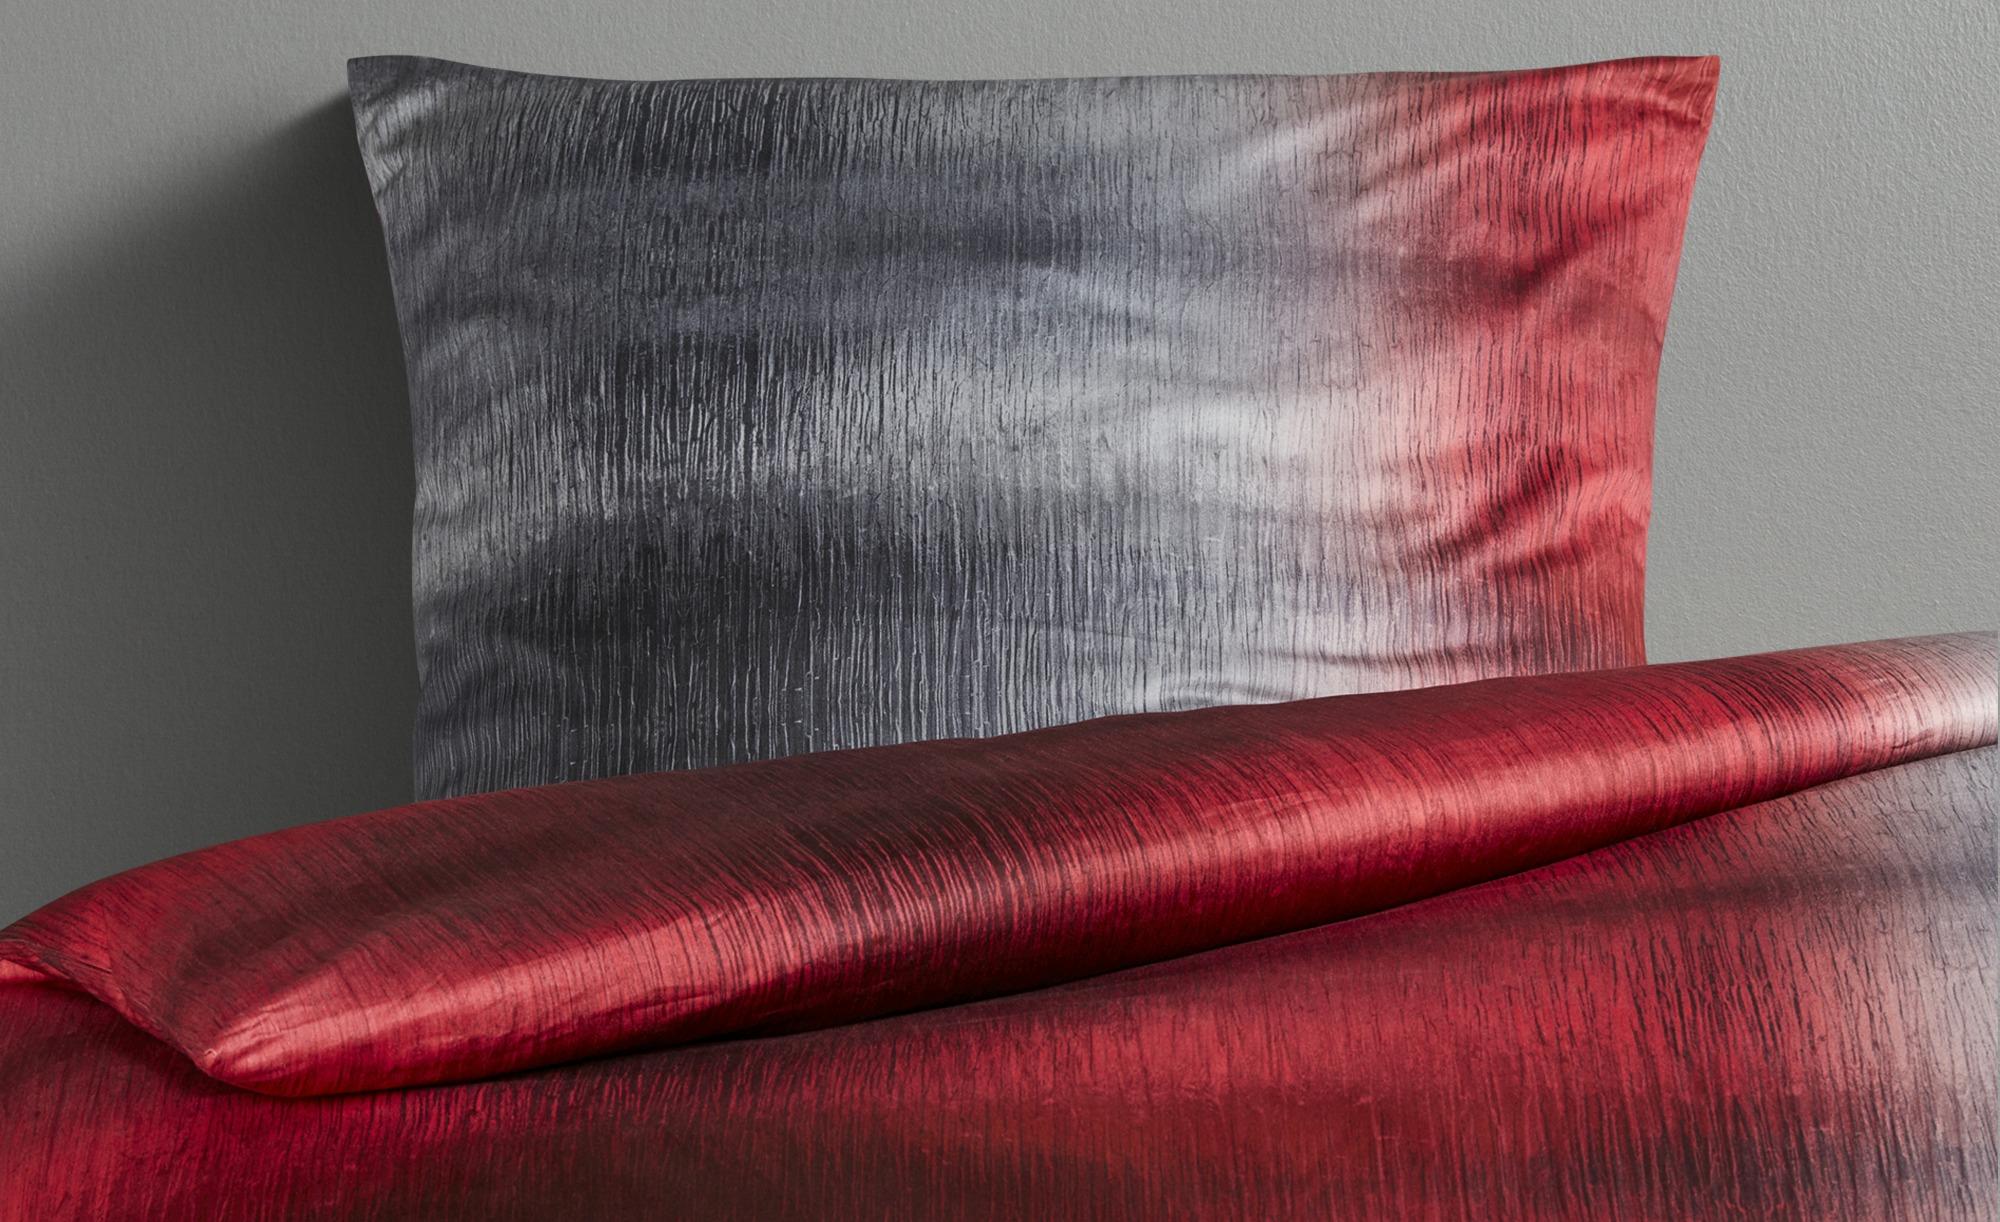 HOME STORY Satin Bettwäsche  JB-481 Verlauf ¦ rot ¦ 100% Baumwolle ¦ Maße (cm): B: 155 Bettwaren > Bettwäsche-Sets > Bettwäsche-Sets in Übergrößen - Höffner